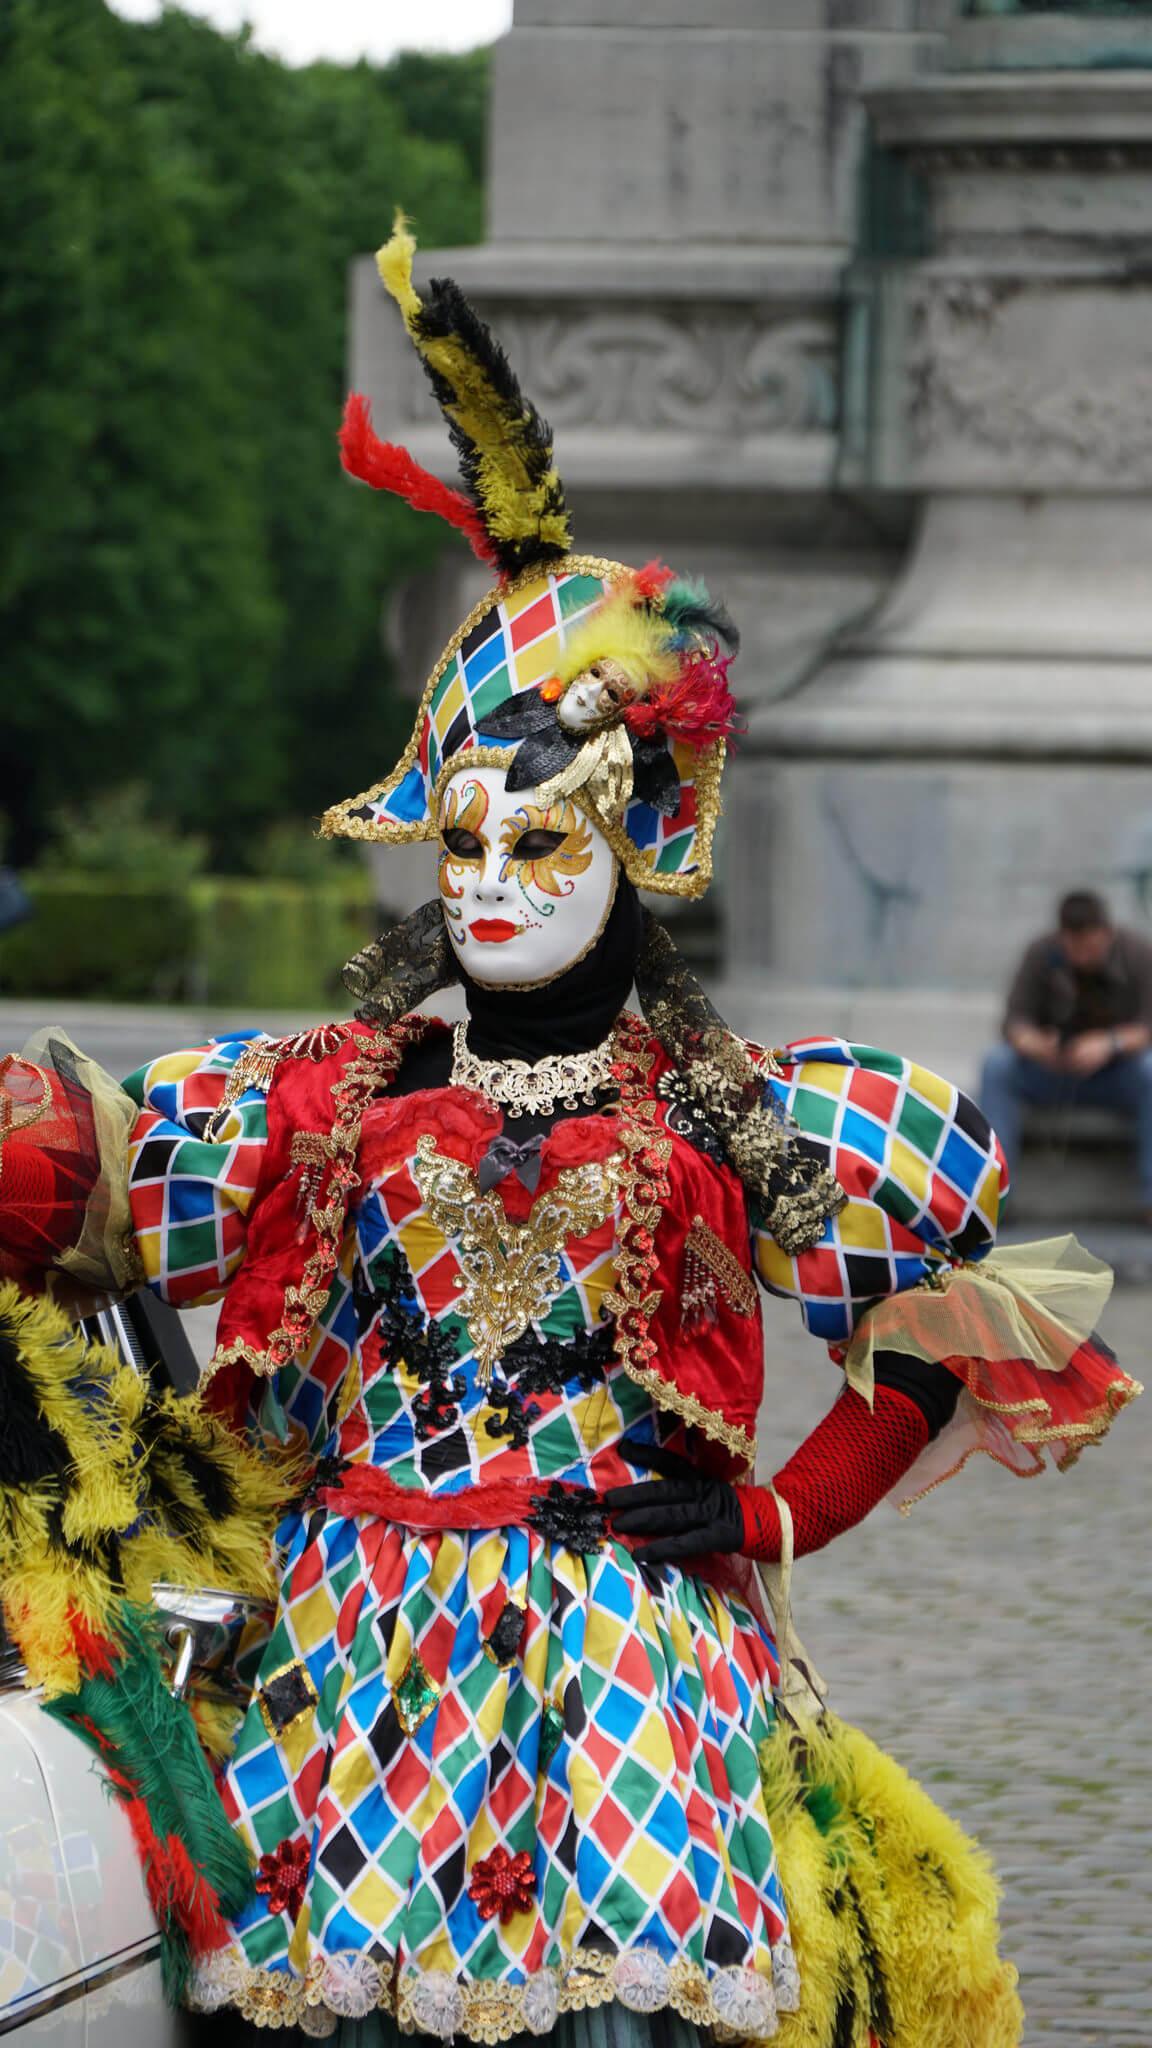 L'édition 2019 du Carnaval de Venise